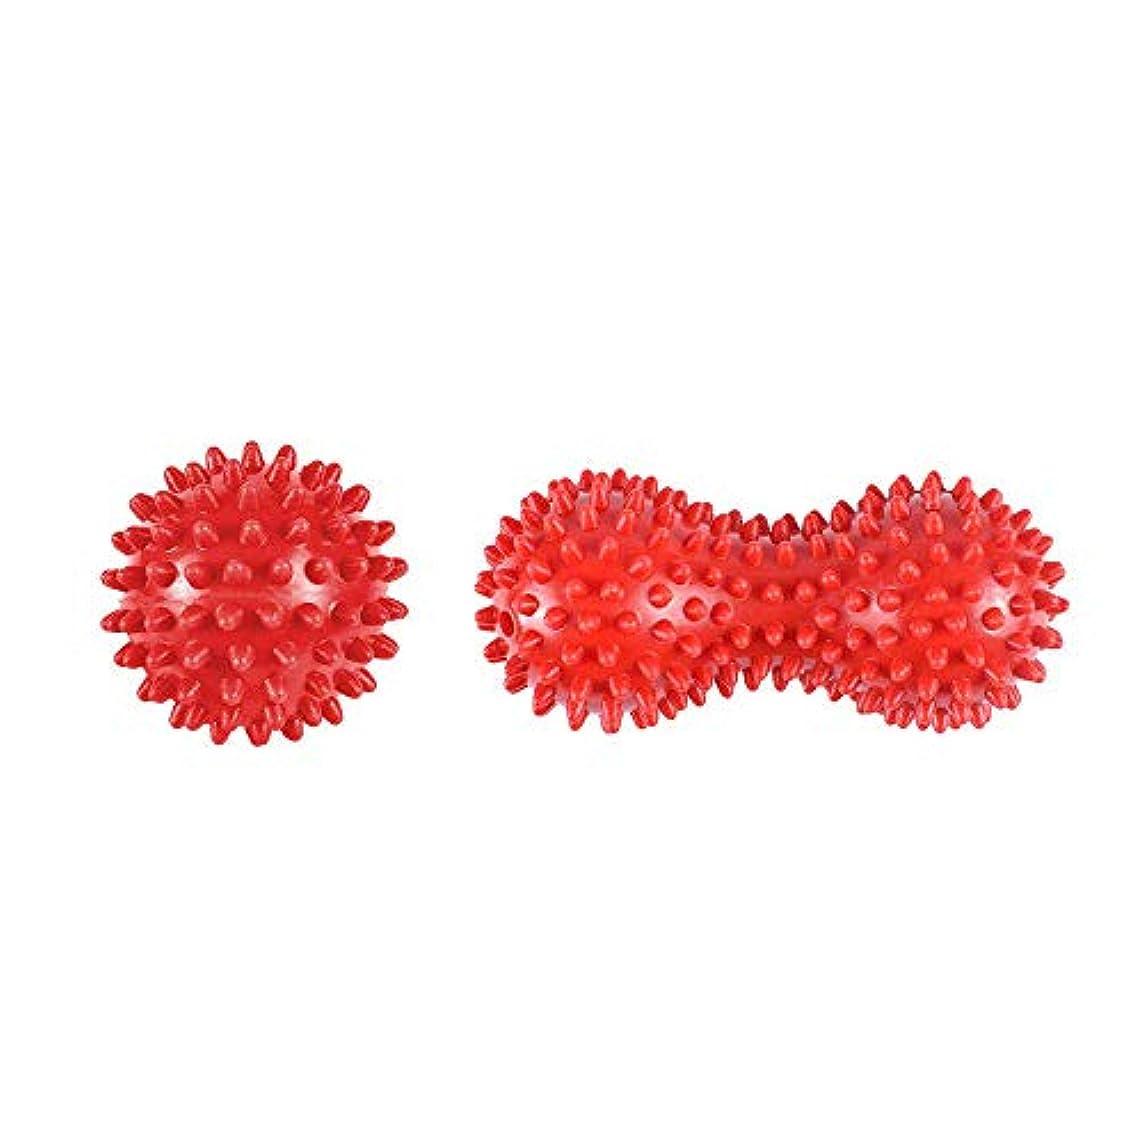 遺産リスト平和的ヨガボール ツボ押しグッズ ツボマッサージ ツインボール マッサージボール ストレッチ ピーナッツ型 筋膜